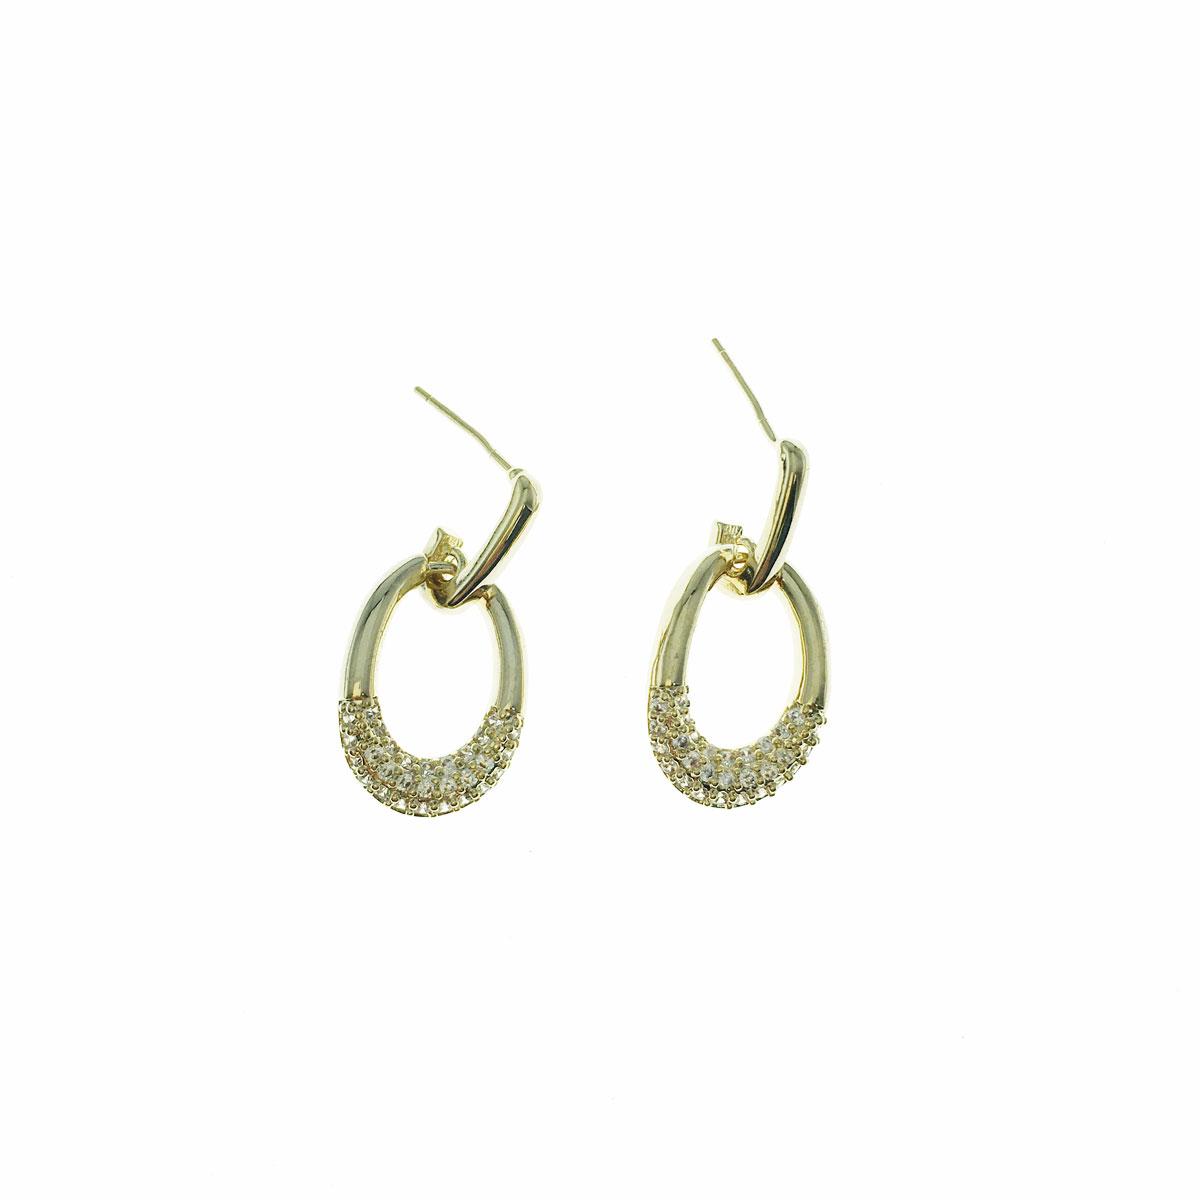 韓國 925純銀 水鑽 簡約 圓 簍空 垂墜感 耳針式 耳環